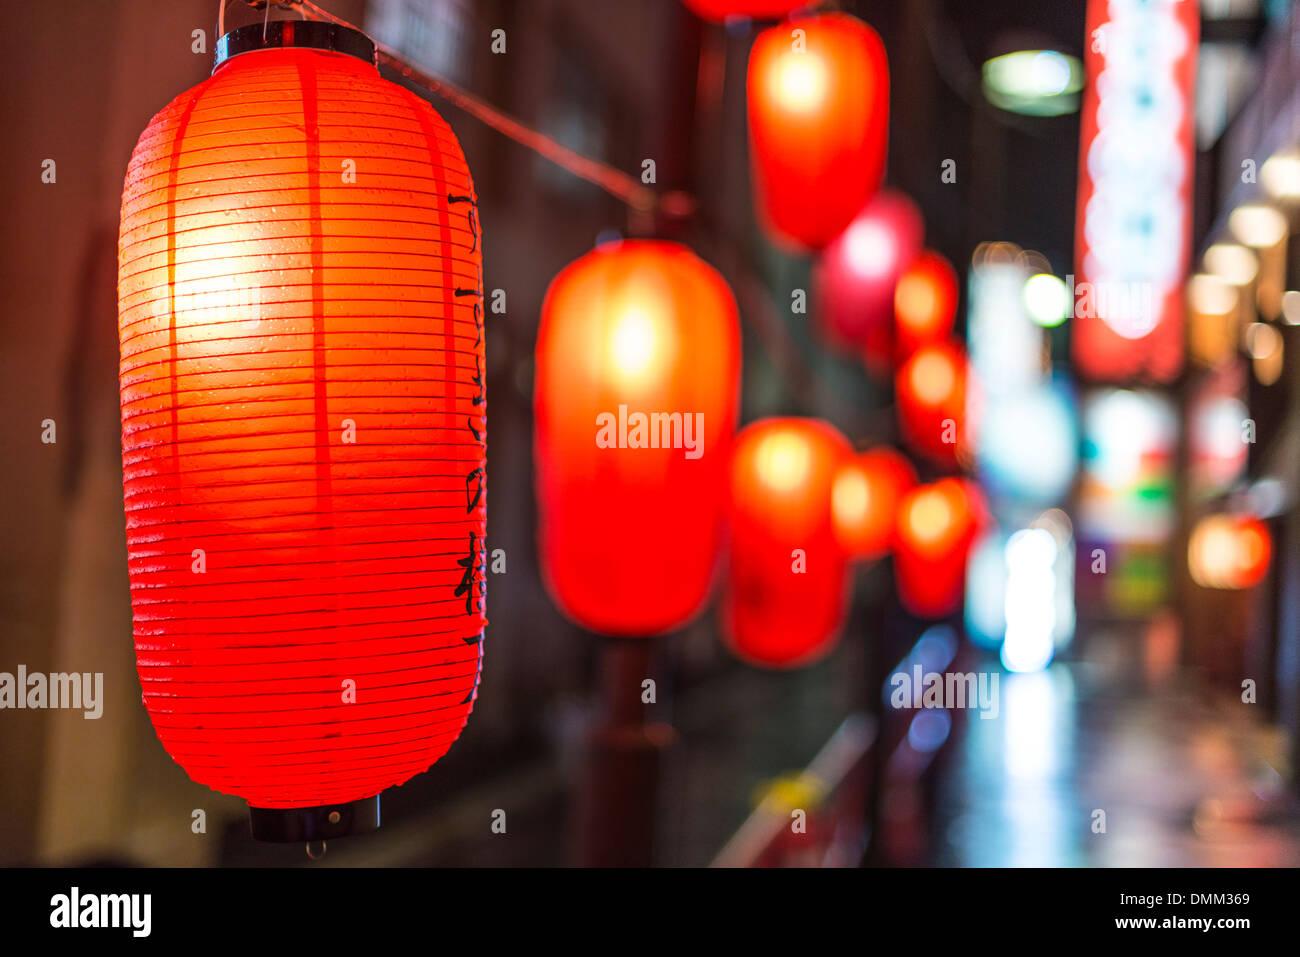 Lanternes dans le quartier de Susukino Sapporo, Japon. Photo Stock